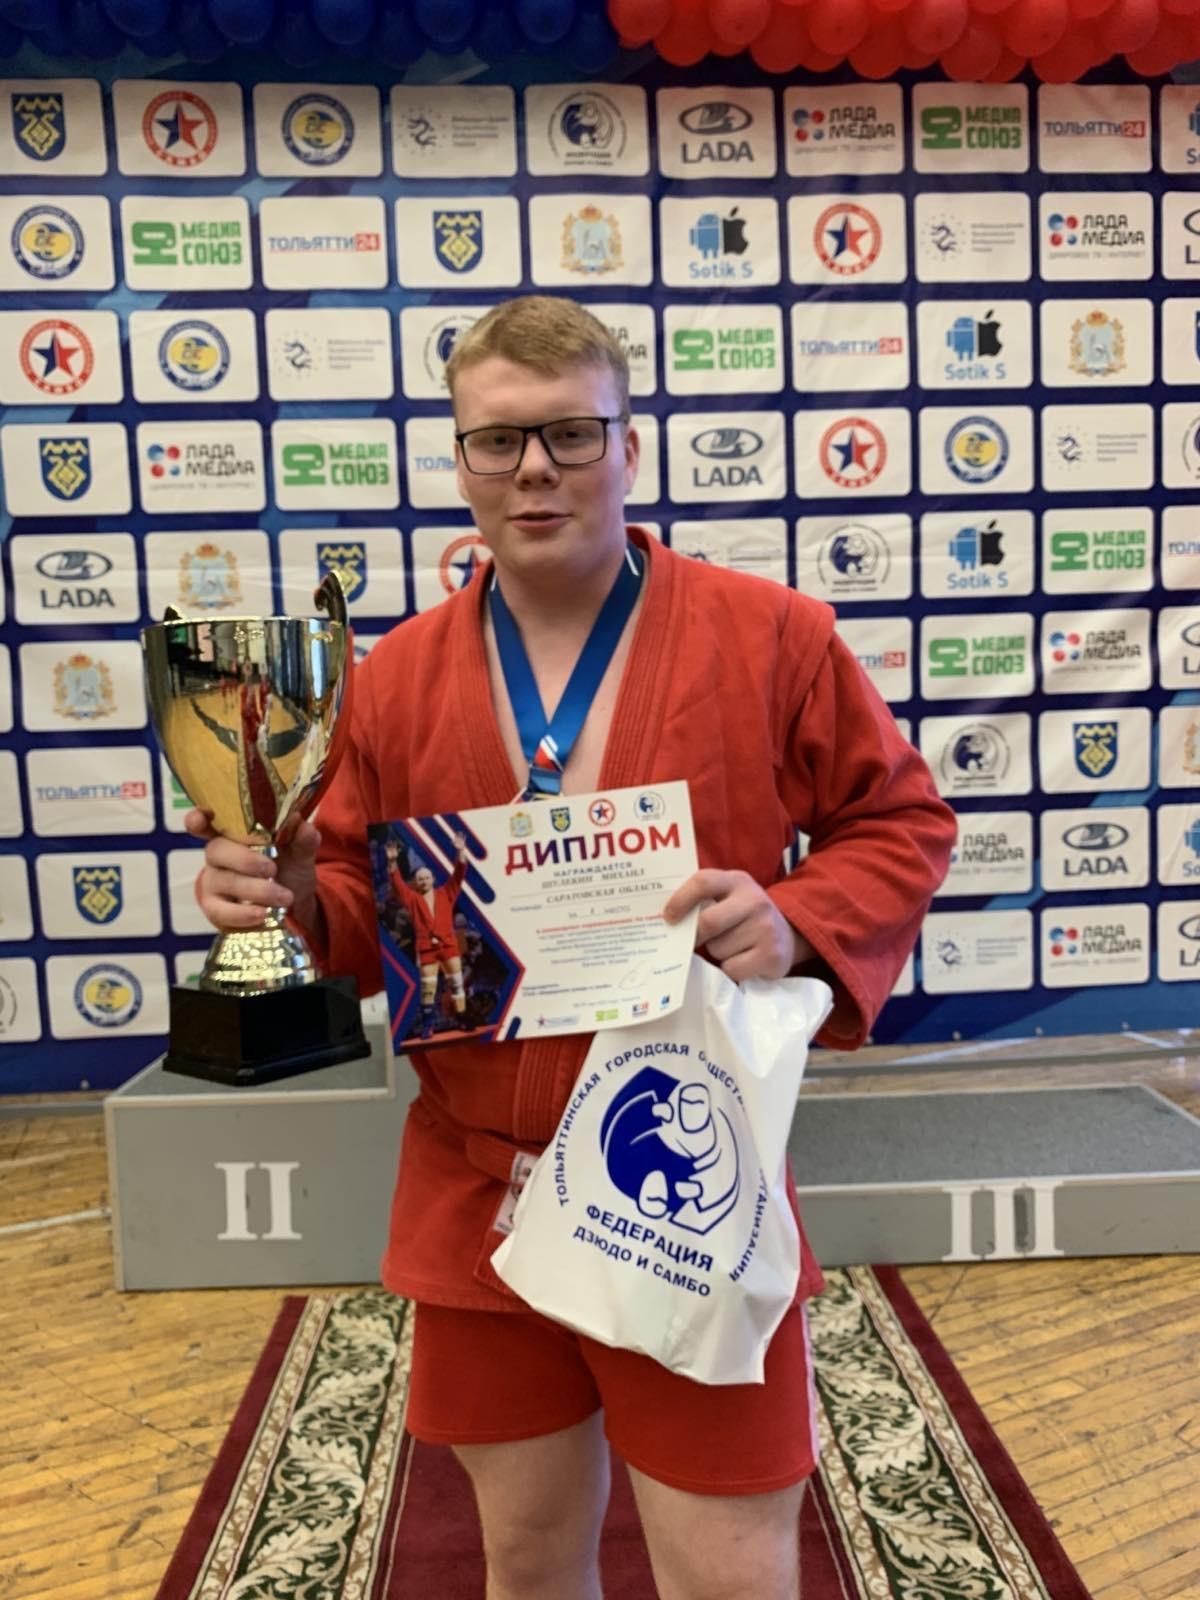 Петровчанин Михаил Шулекин в составе сборной региона выступил на командном турнире по самбо